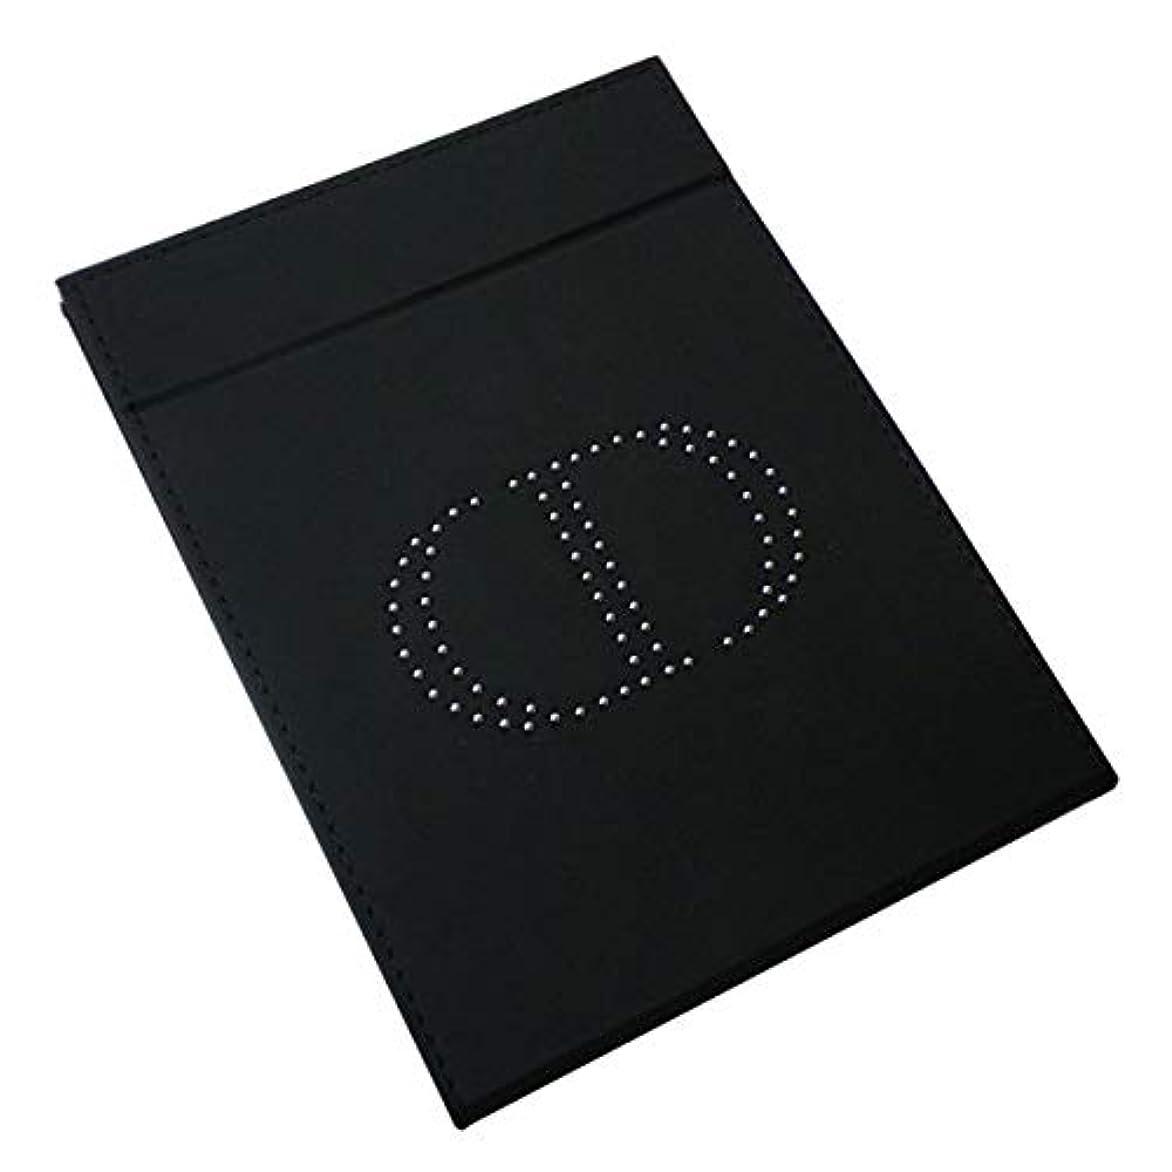 記事実現可能性フラップDior ディオール スタンドミラー ミラー 鏡 ロゴ イブサンローラン 桃 ピンク黒 ブラック 化粧 メイク コスメ (ブラック)